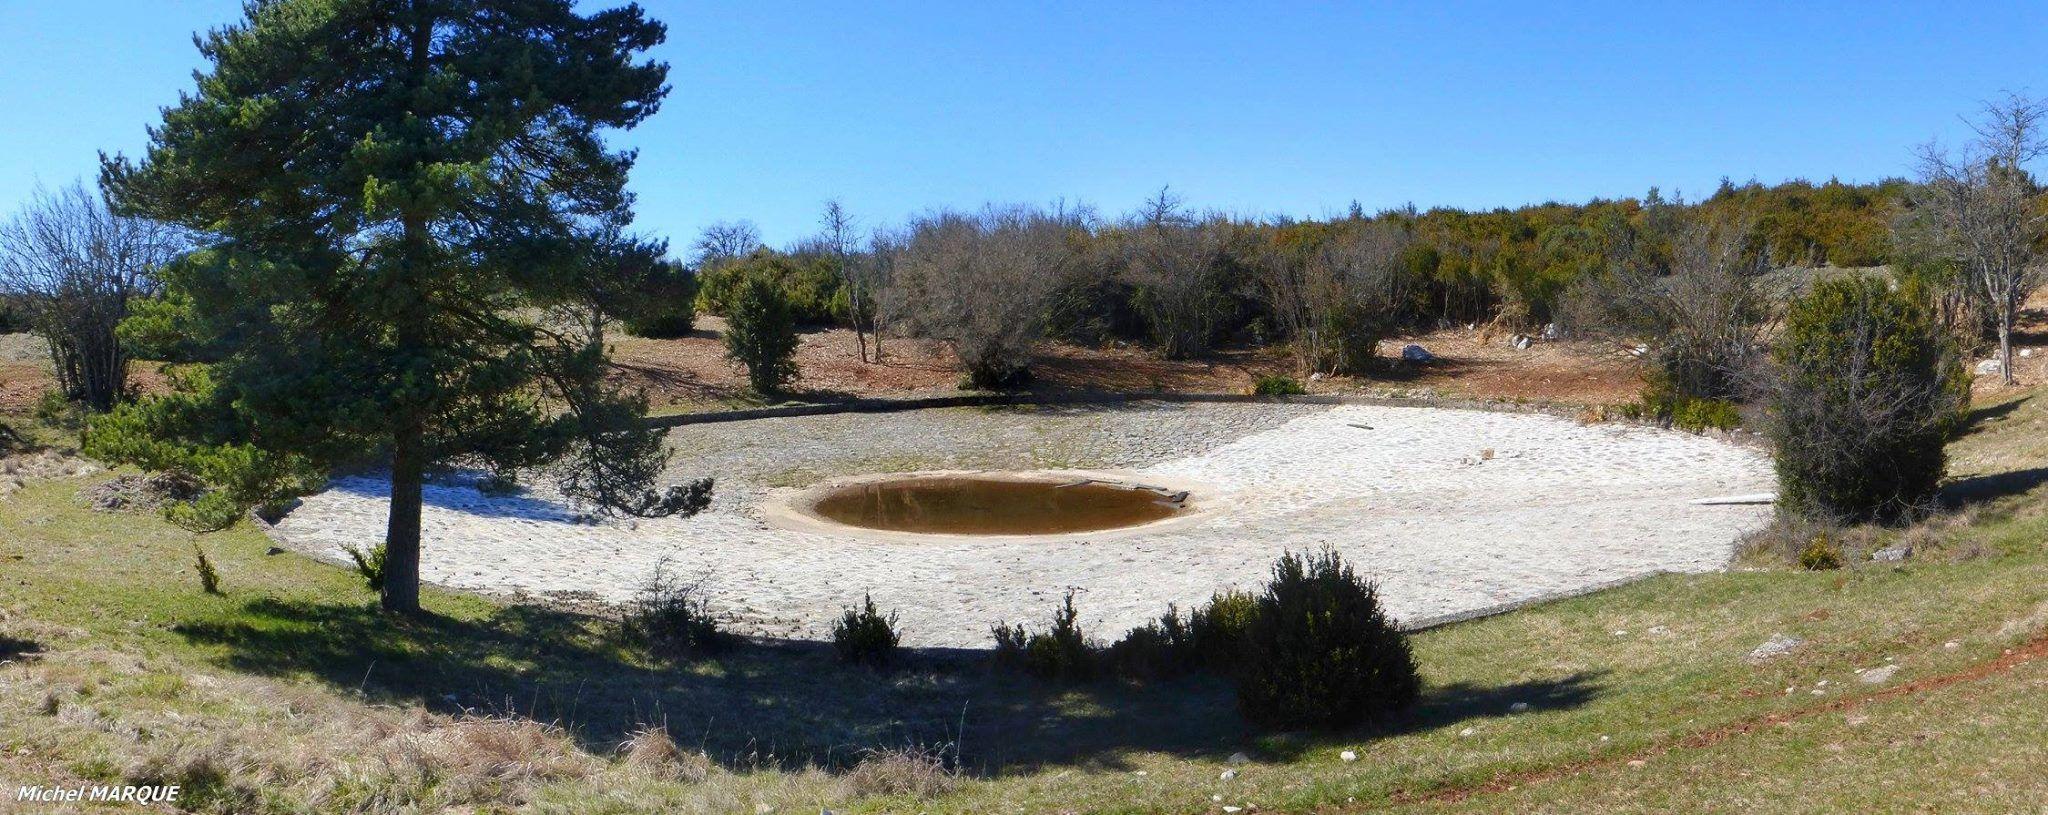 Une lavogne restaurée près de Massegros sur le Sauveterre